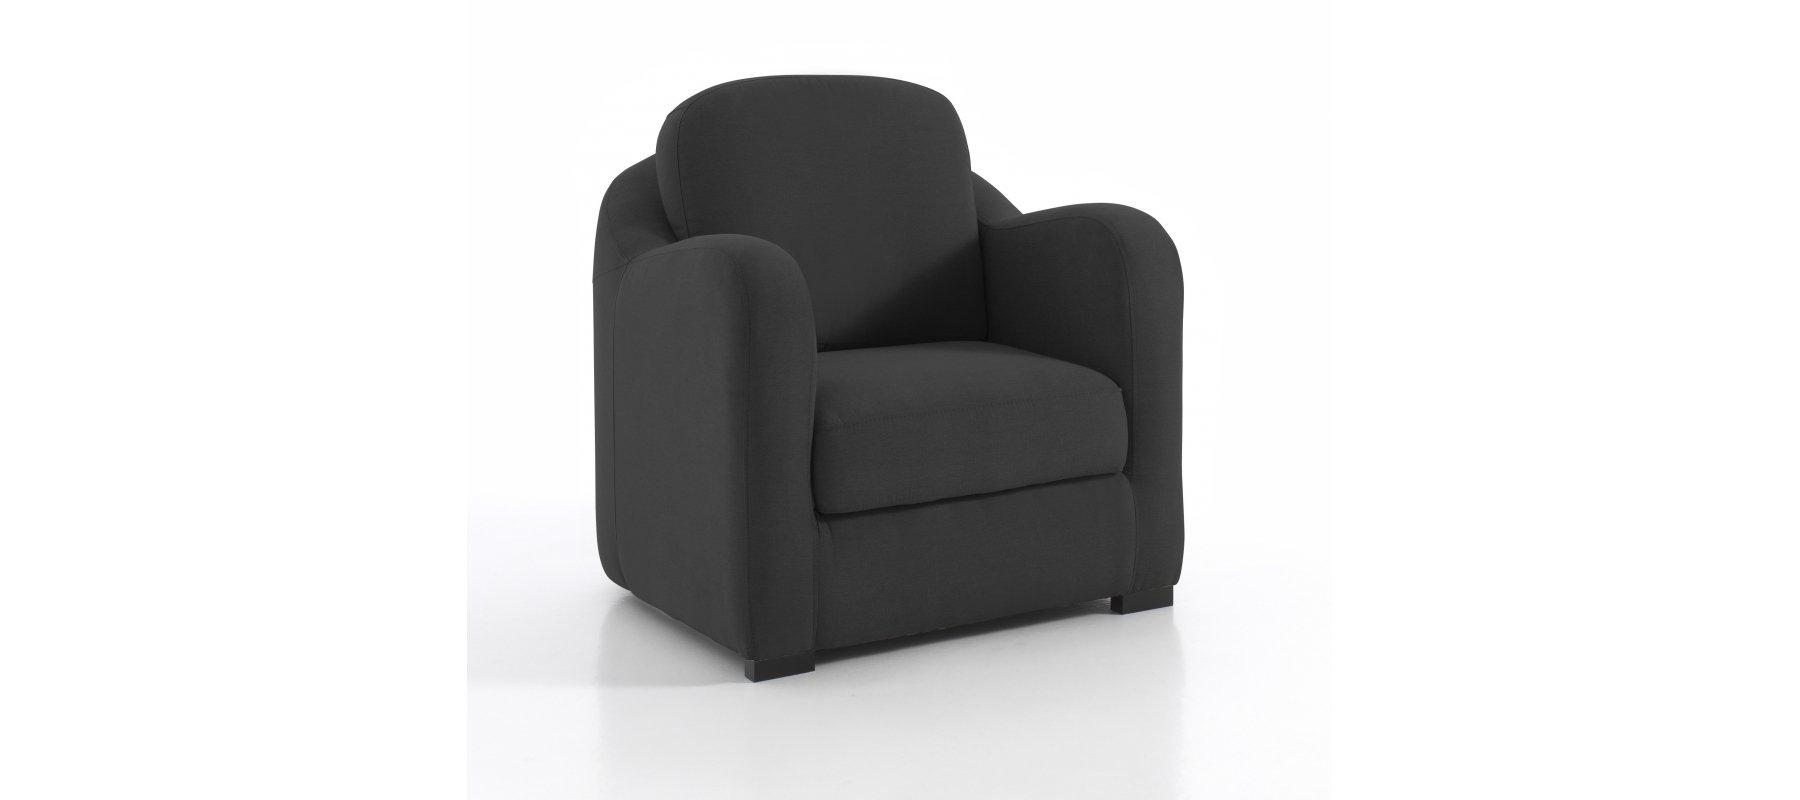 petit fauteuil ibiza design moelleux gain de place 10 coloris. Black Bedroom Furniture Sets. Home Design Ideas